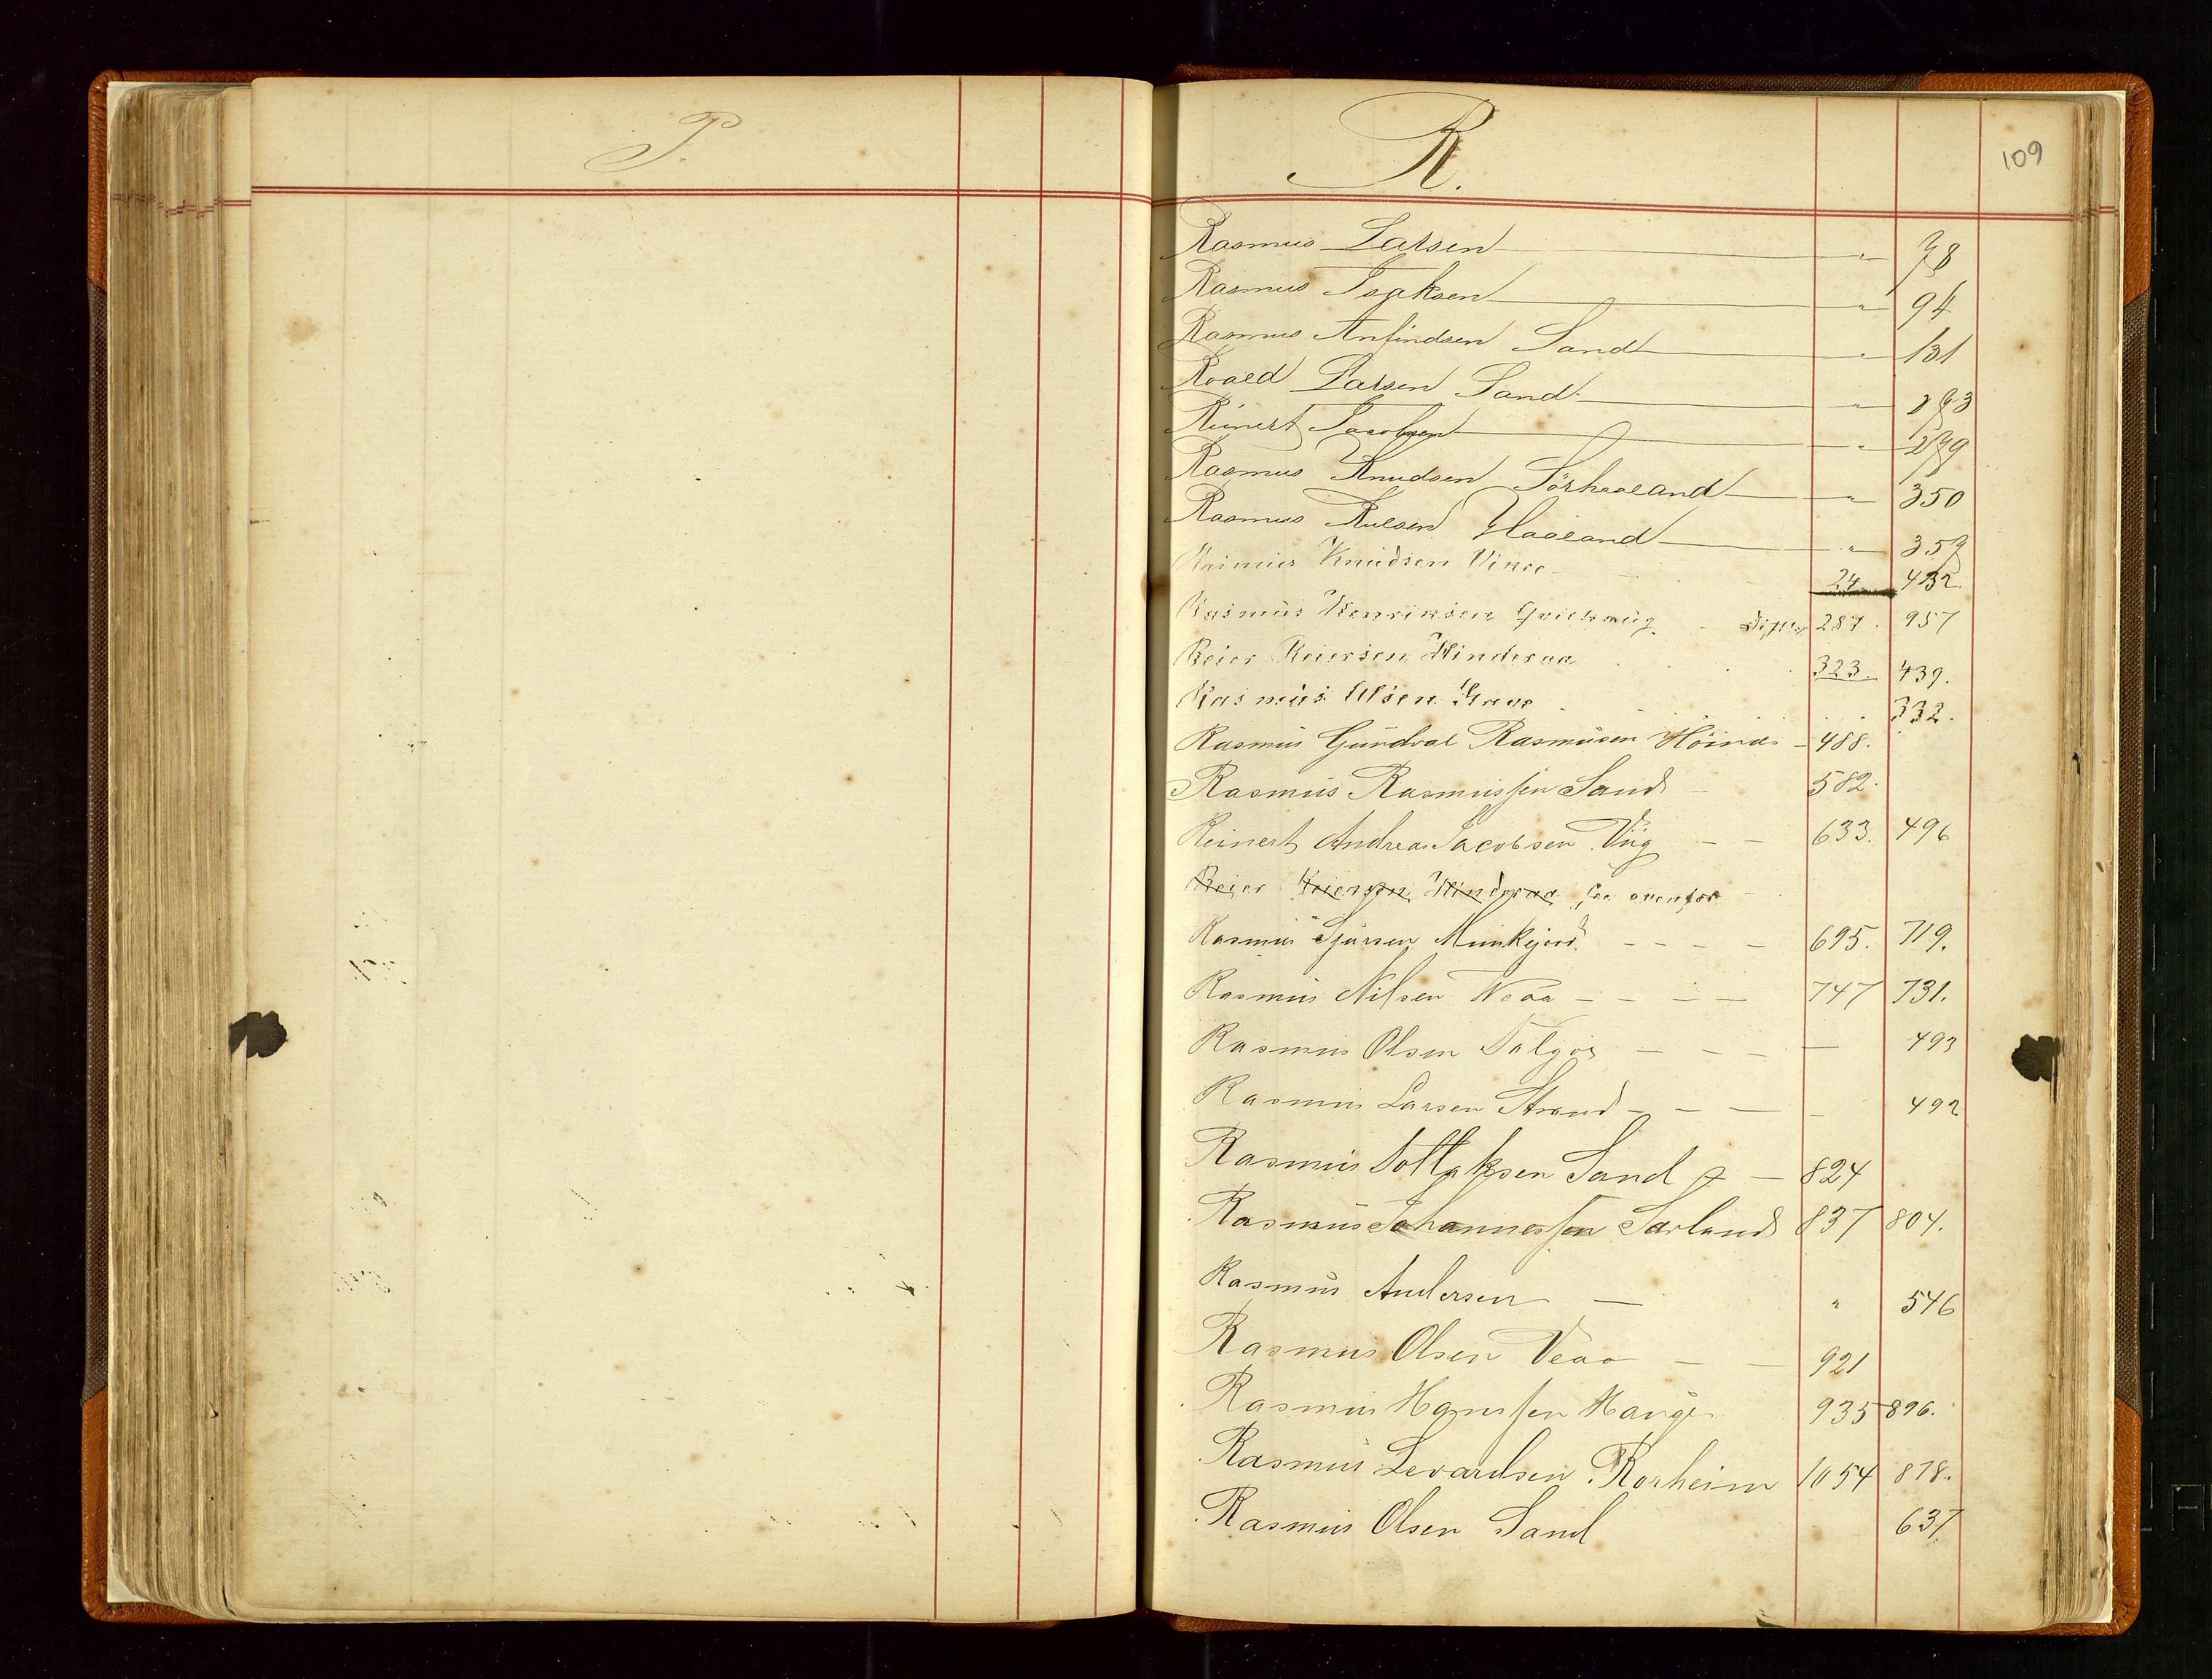 SAST, Haugesund sjømannskontor, F/Fb/Fba/L0003: Navneregister med henvisning til rullenummer (fornavn) Haugesund krets, 1860-1948, p. 109